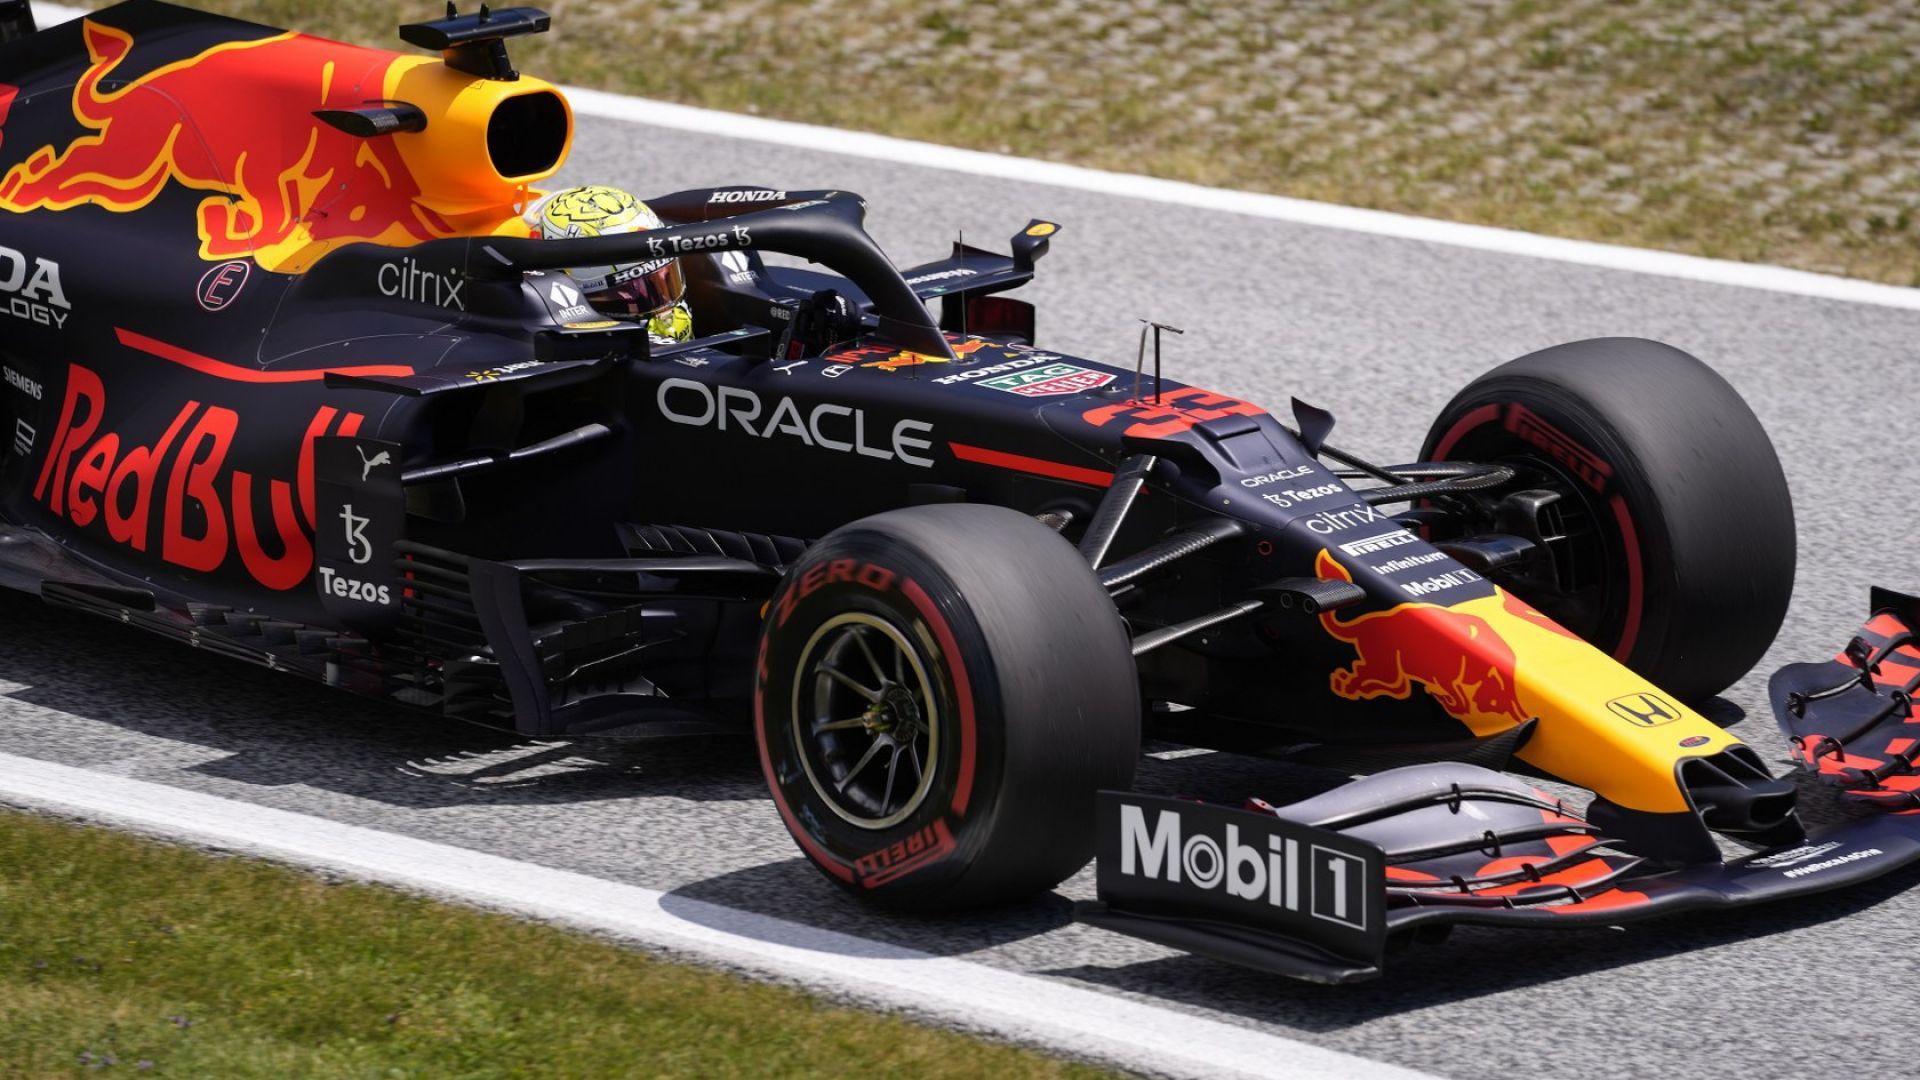 Макс Верстапен спечели втора поредна квалификация във Формула 1